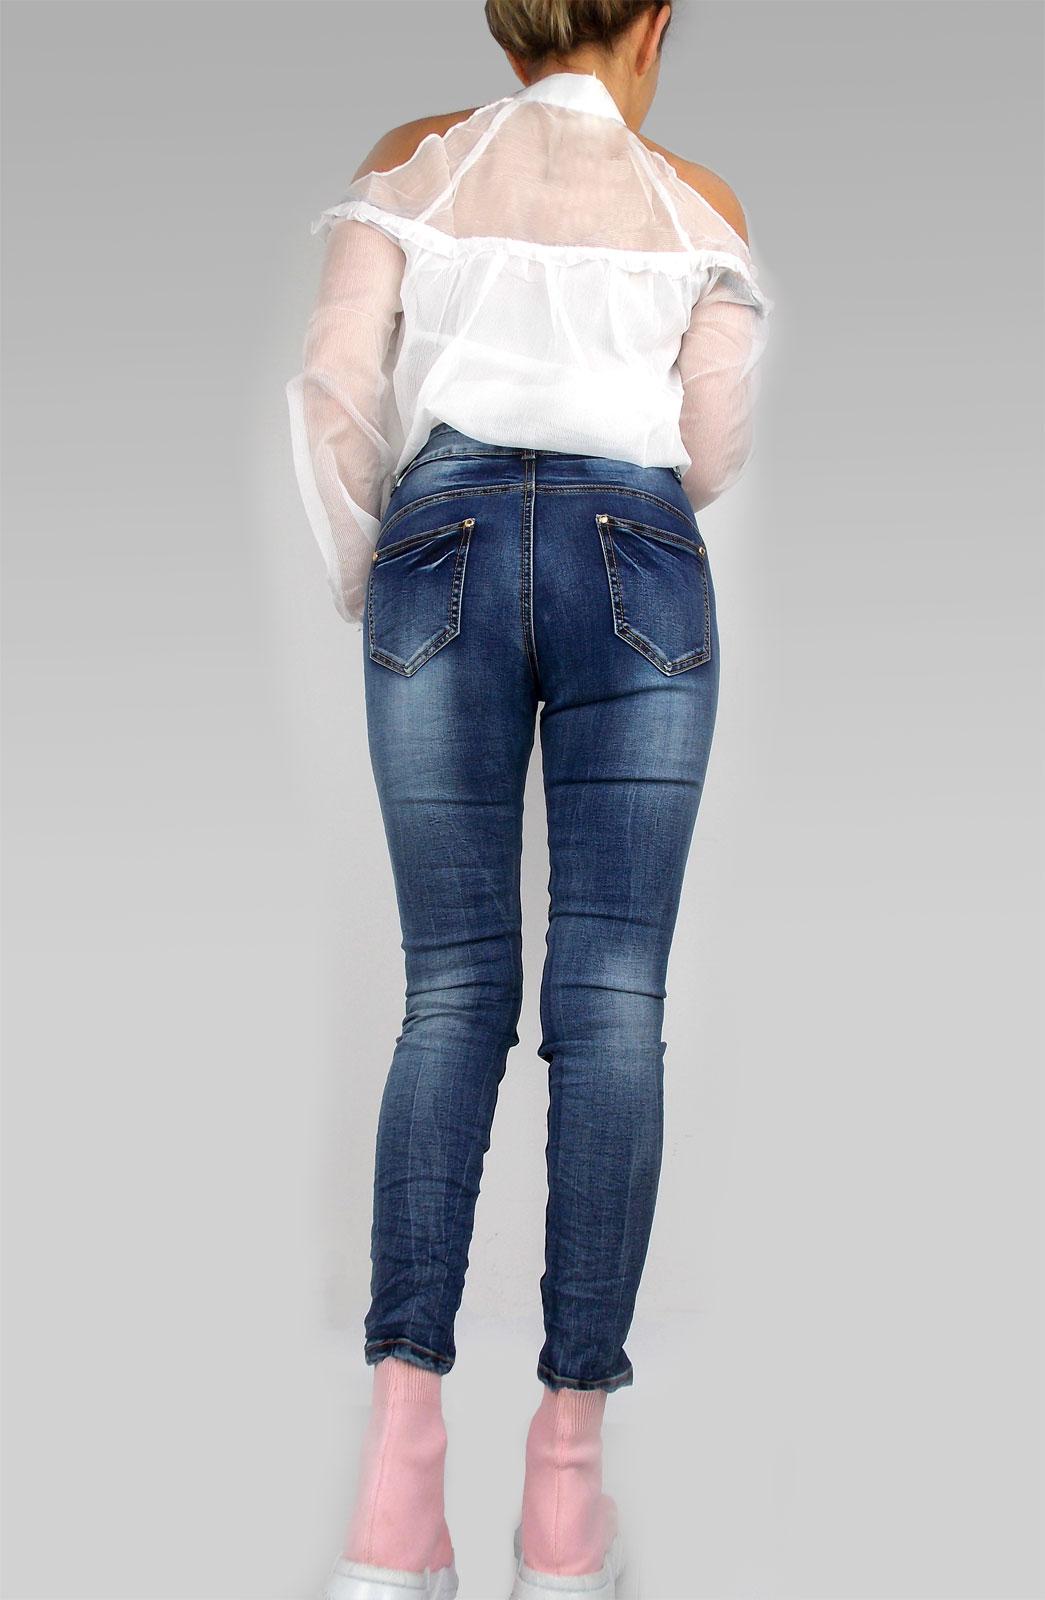 Damen Jeans Hose in dunkelblau Used High Waist oder Baggy goldfarbene Knöpfe Stretch mit Beintaschen